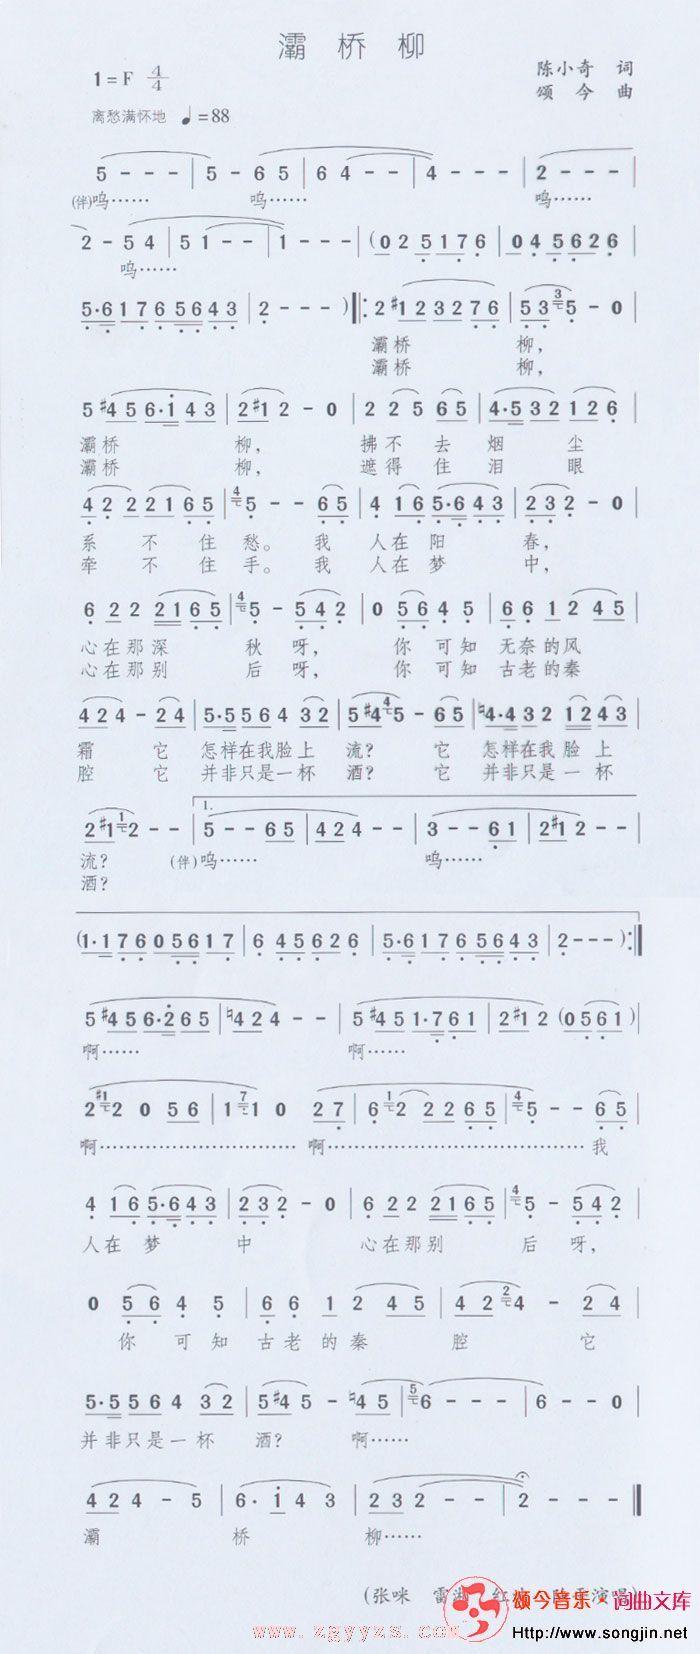 笛子曲谱 灞桥曲谱